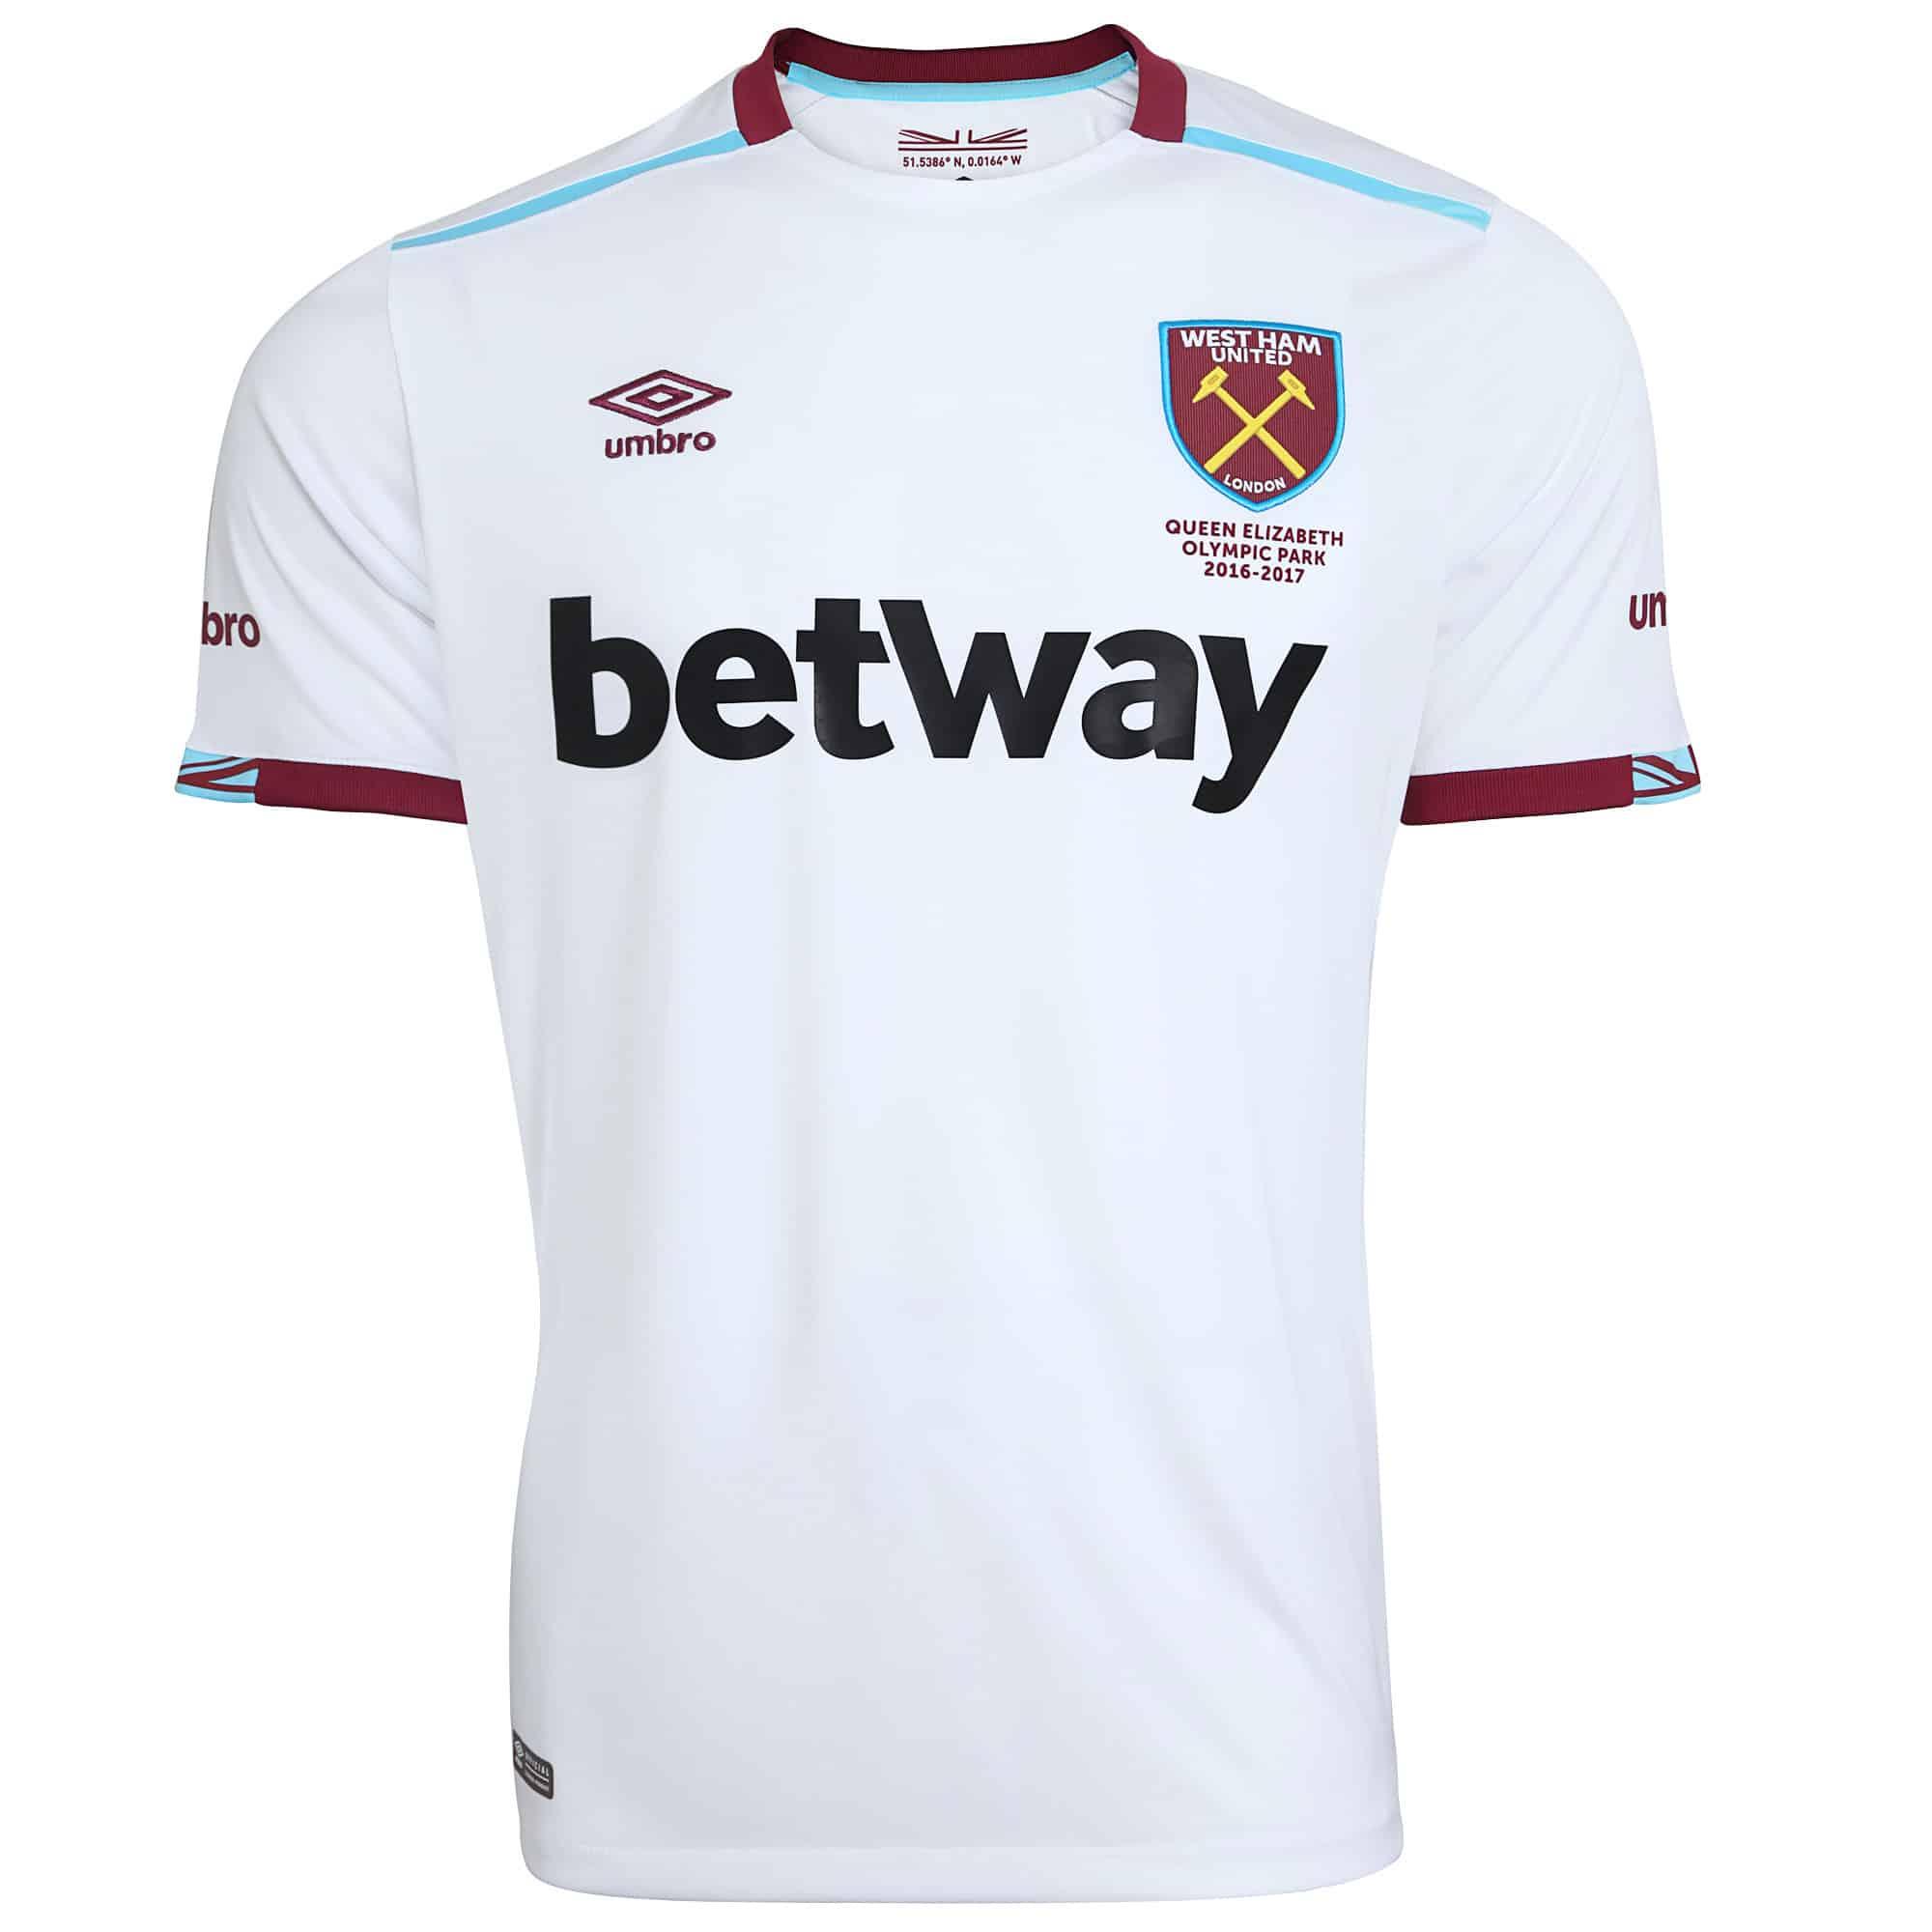 umbro d voile les maillots 2016 2017 de west ham united